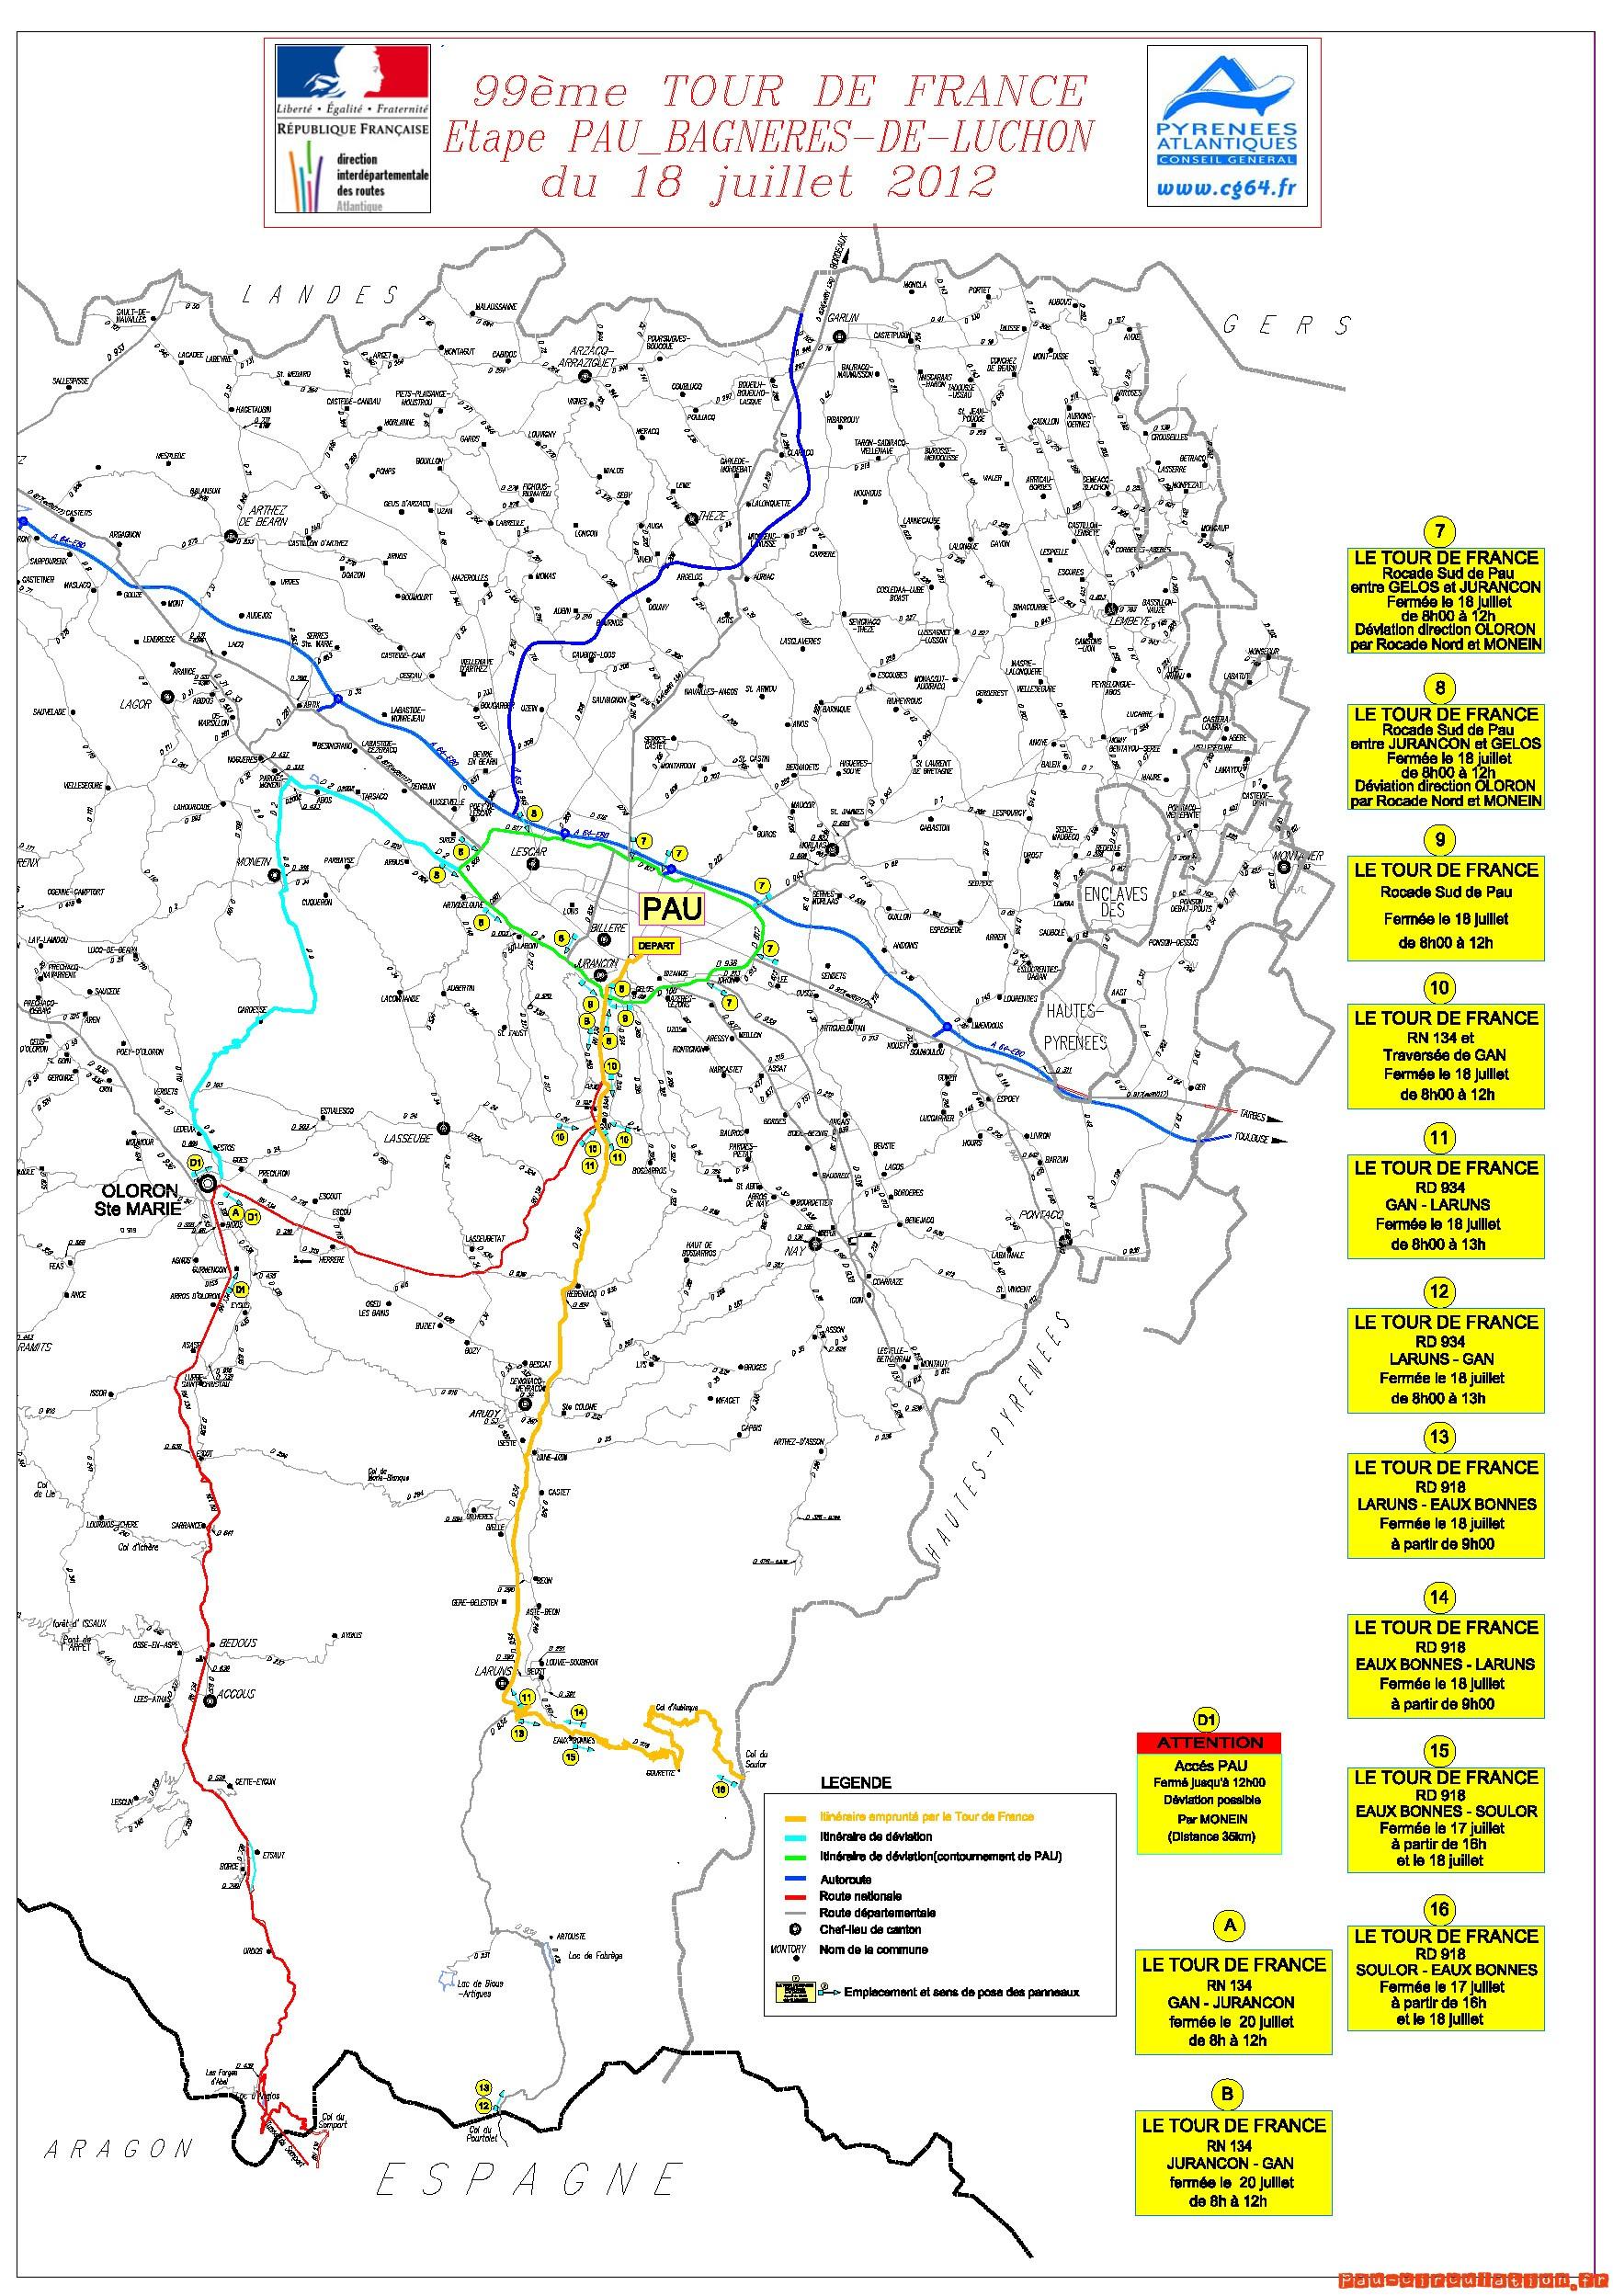 Départ du Tour de France 2012 à Pau